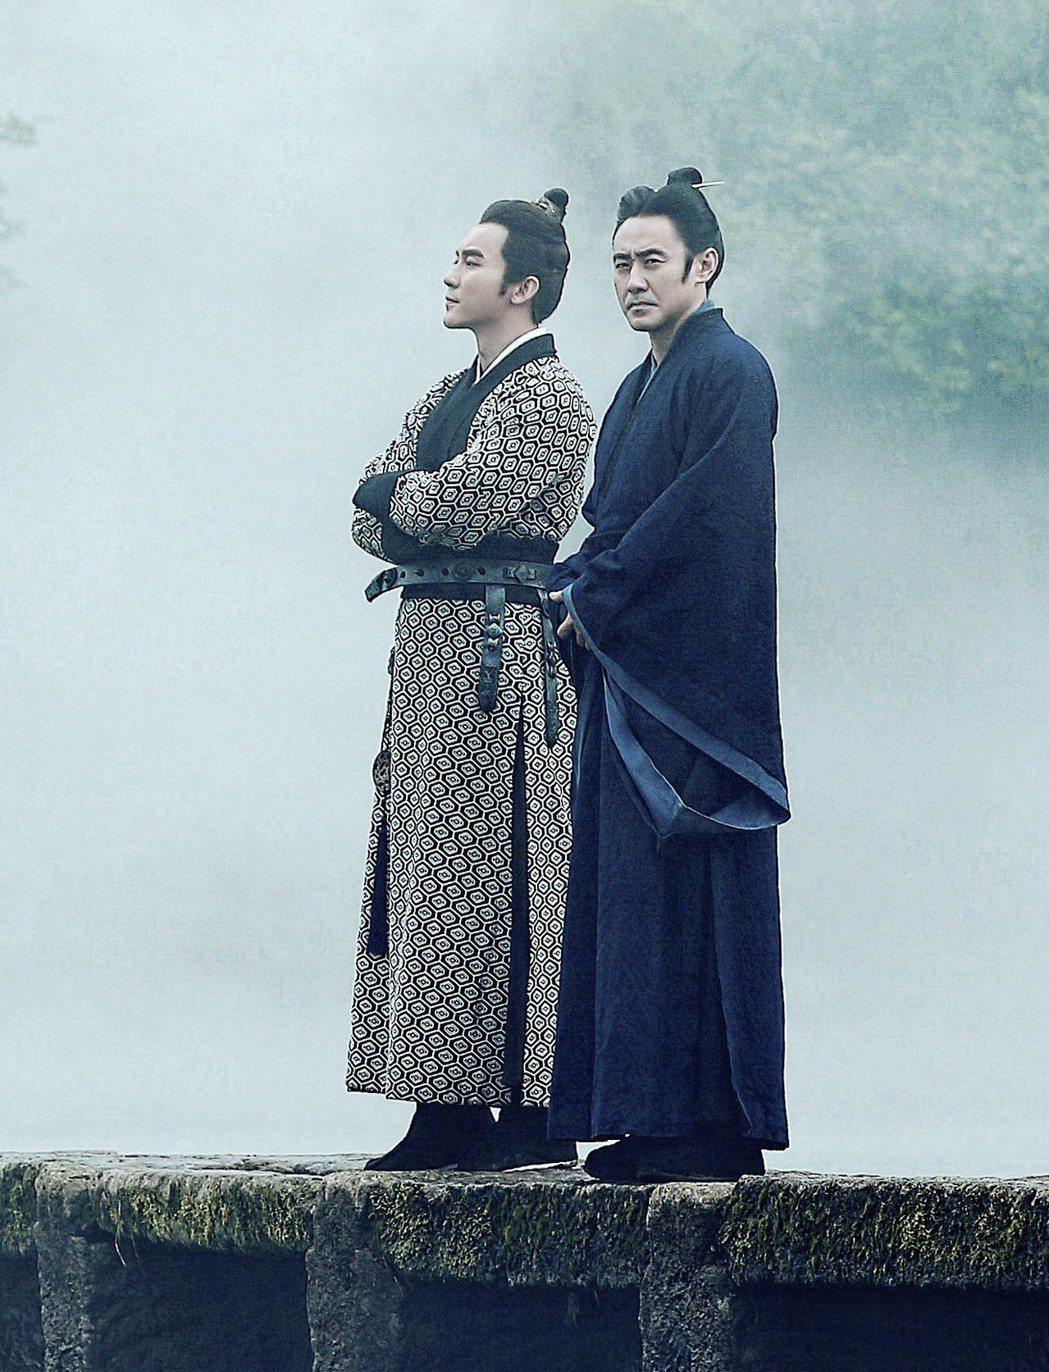 李晨、吳秀波在「軍師聯盟」中飾演君臣關係。圖/緯來戲劇台提供